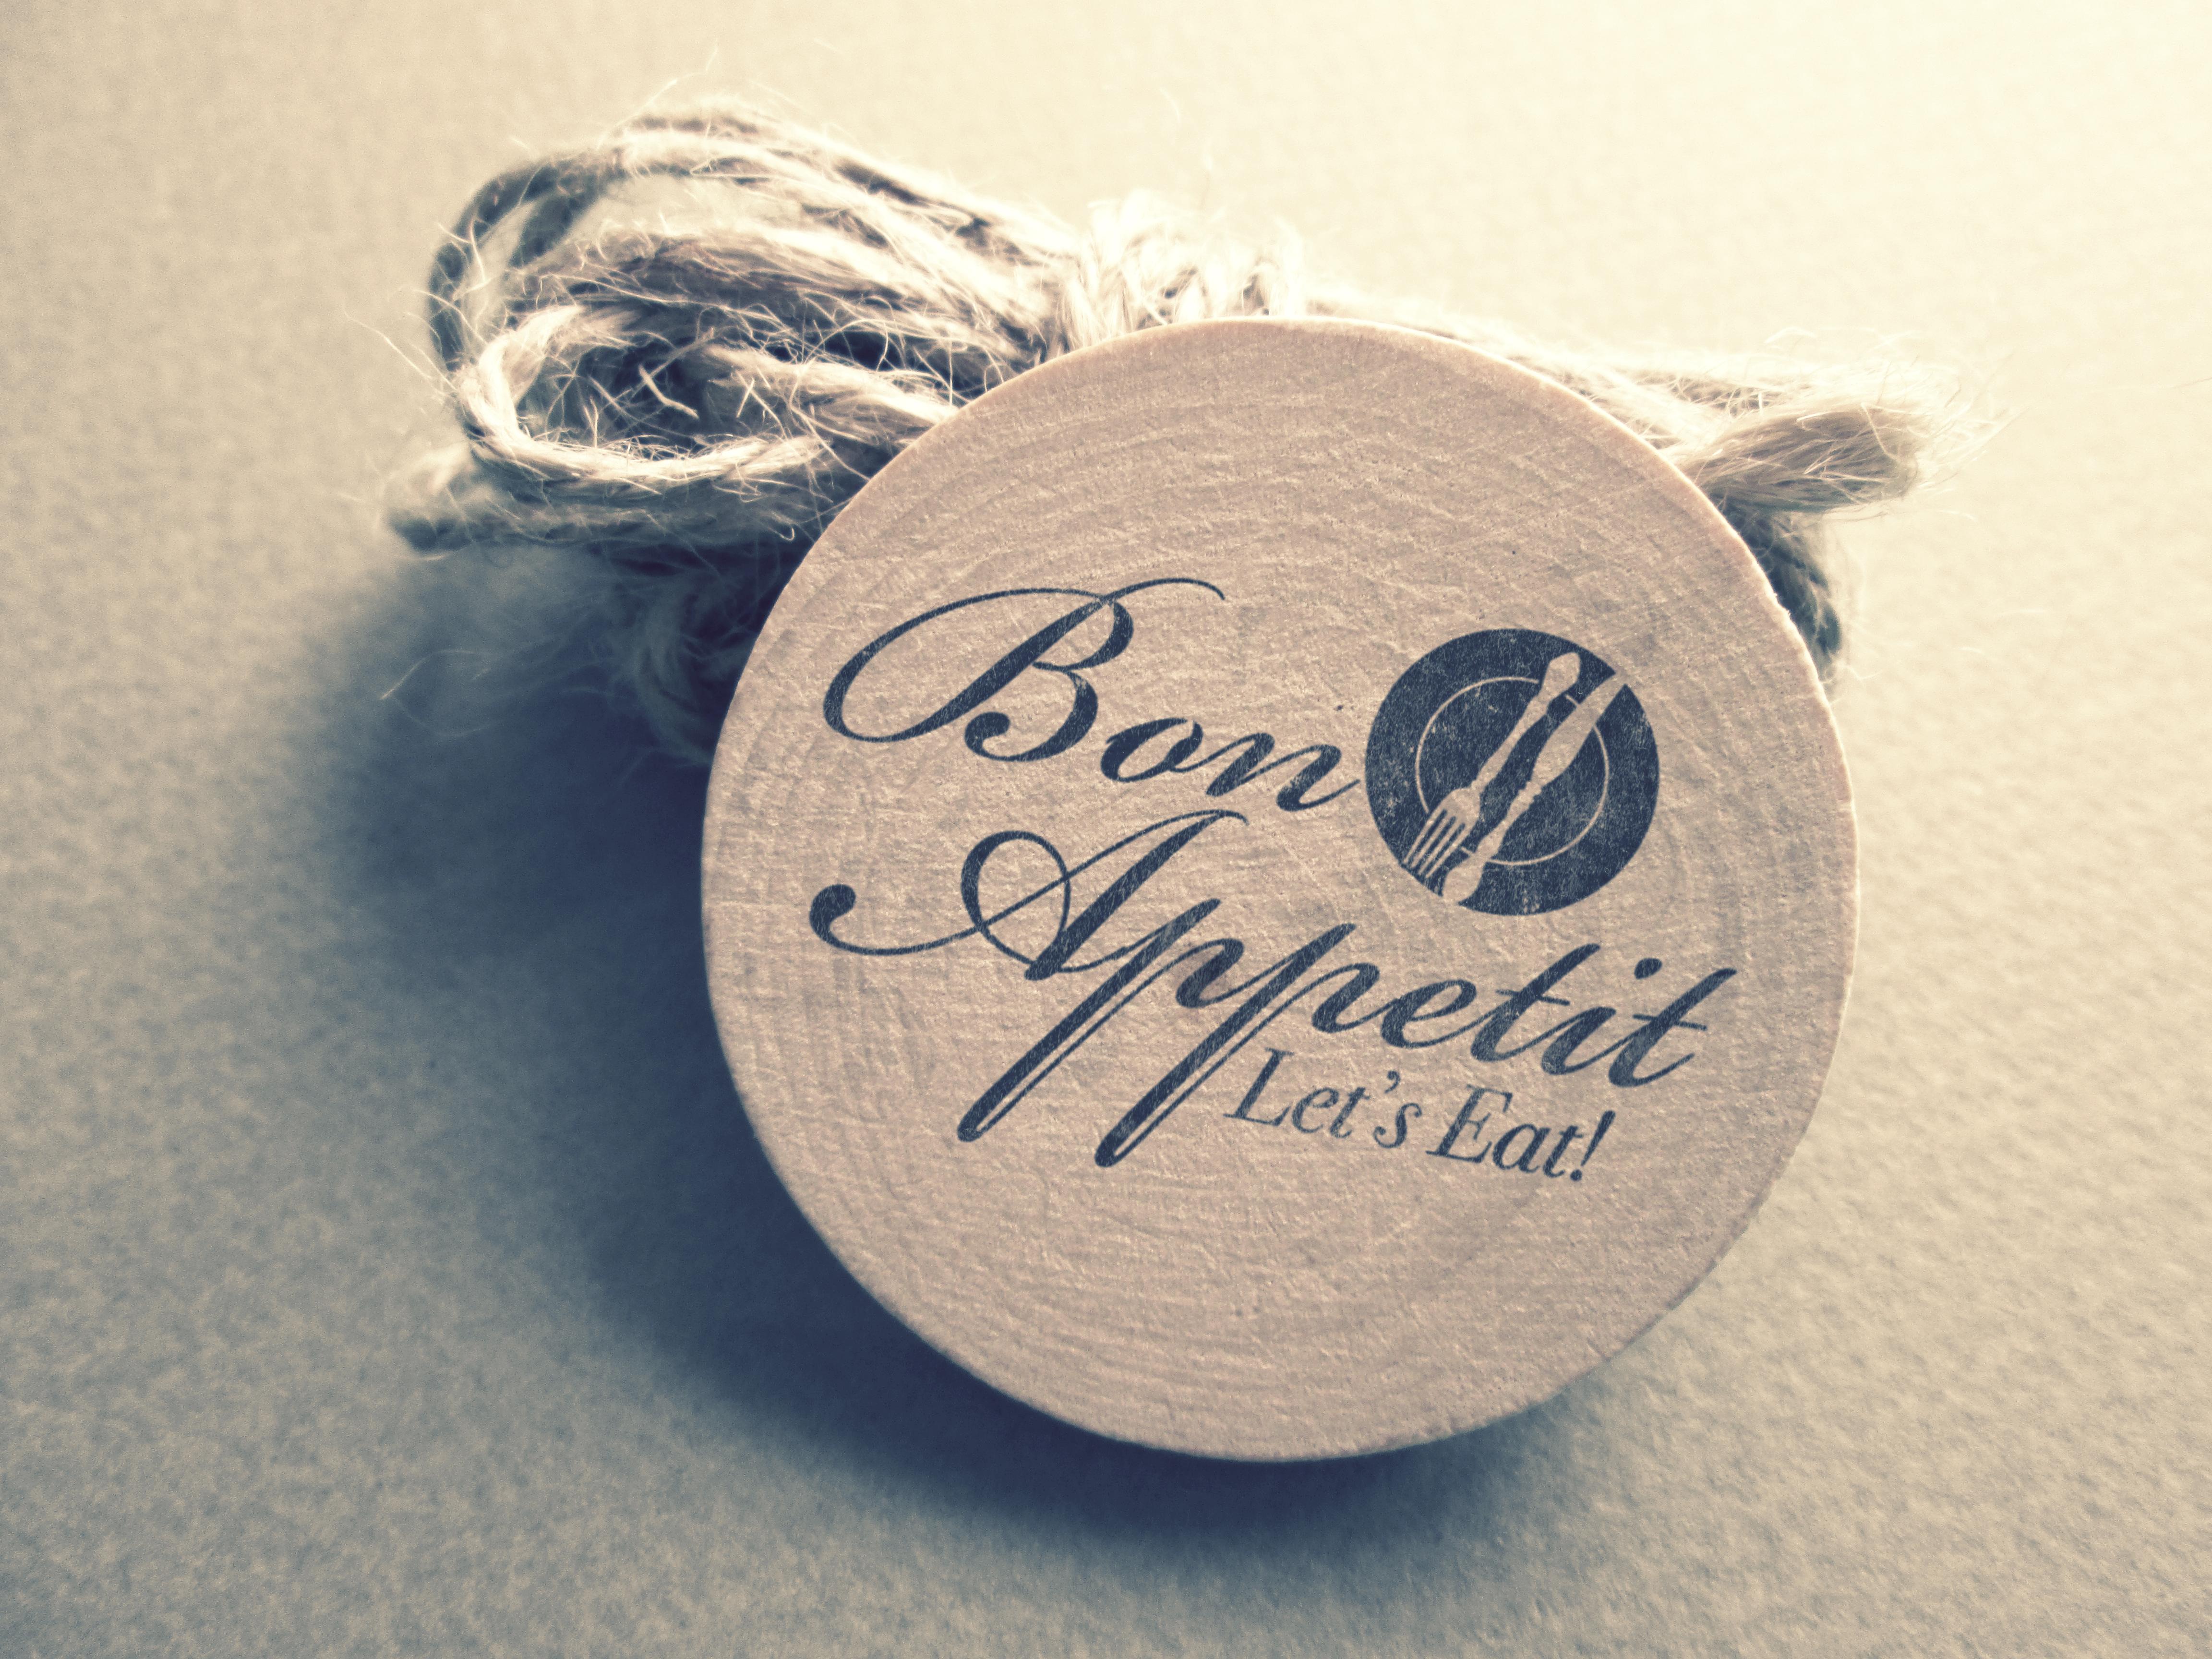 Bon Appitit